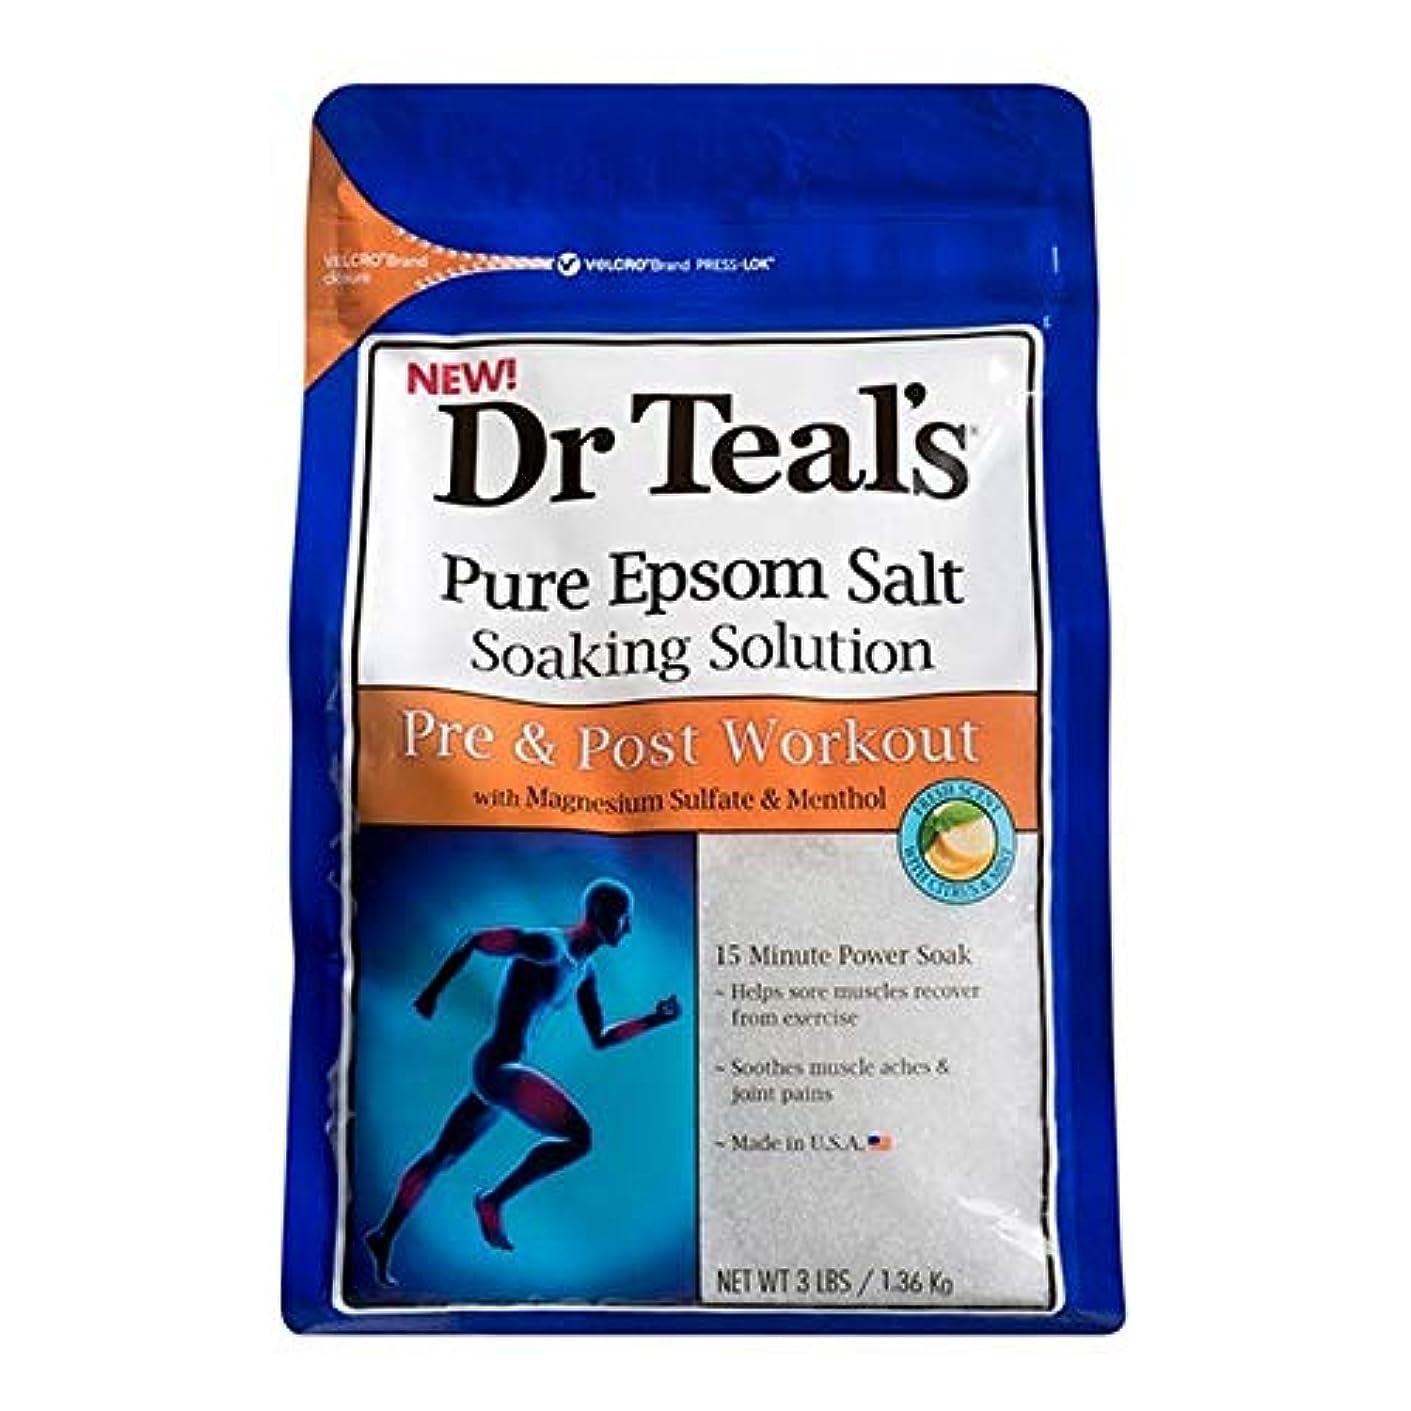 床を掃除する高度サービス[Dr Teals] Drのティールの均熱Bathsalt前N個のポストワークアウト1.36キロ - Dr Teal's Soaking Bathsalt Pre N Post Workout 1.36 kg [並行輸入品]